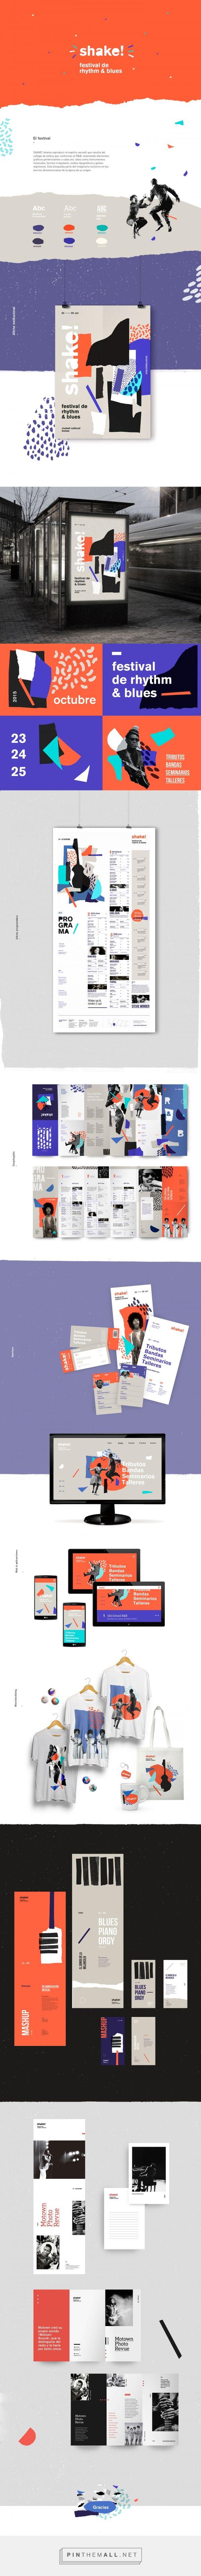 Shake! R&B Festival Branding by Brenda Ruseler | Fivestar Branding Agency – Design and Branding Agency & Curated Inspiration Gallery